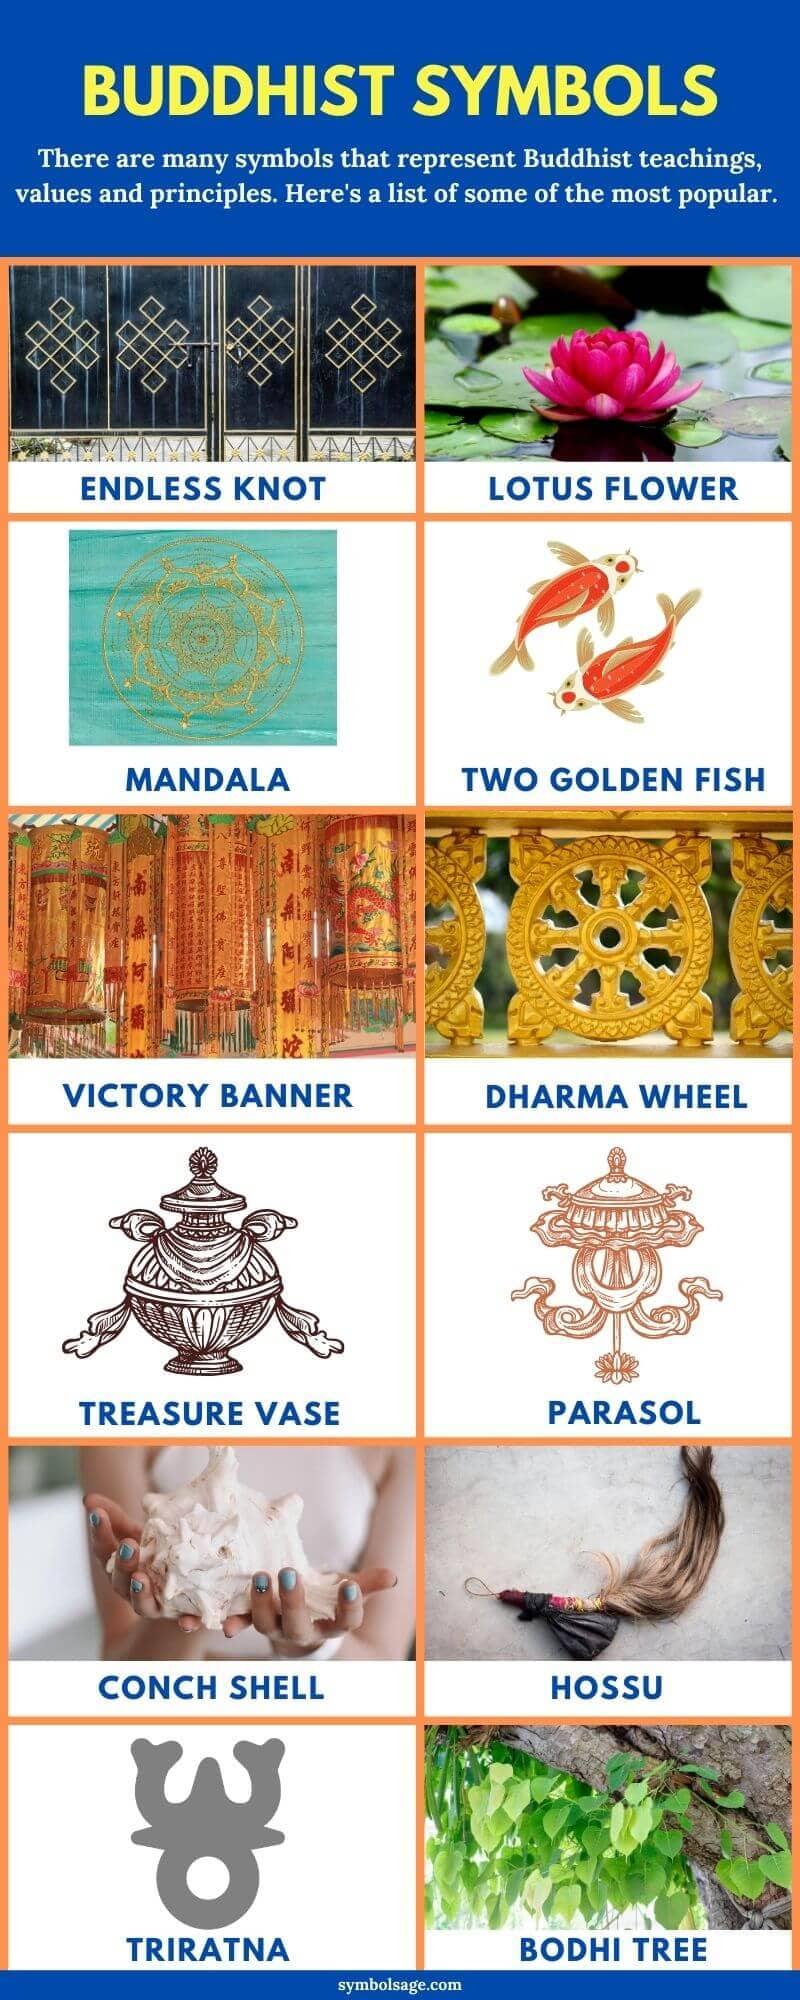 List of Buddhist symbols